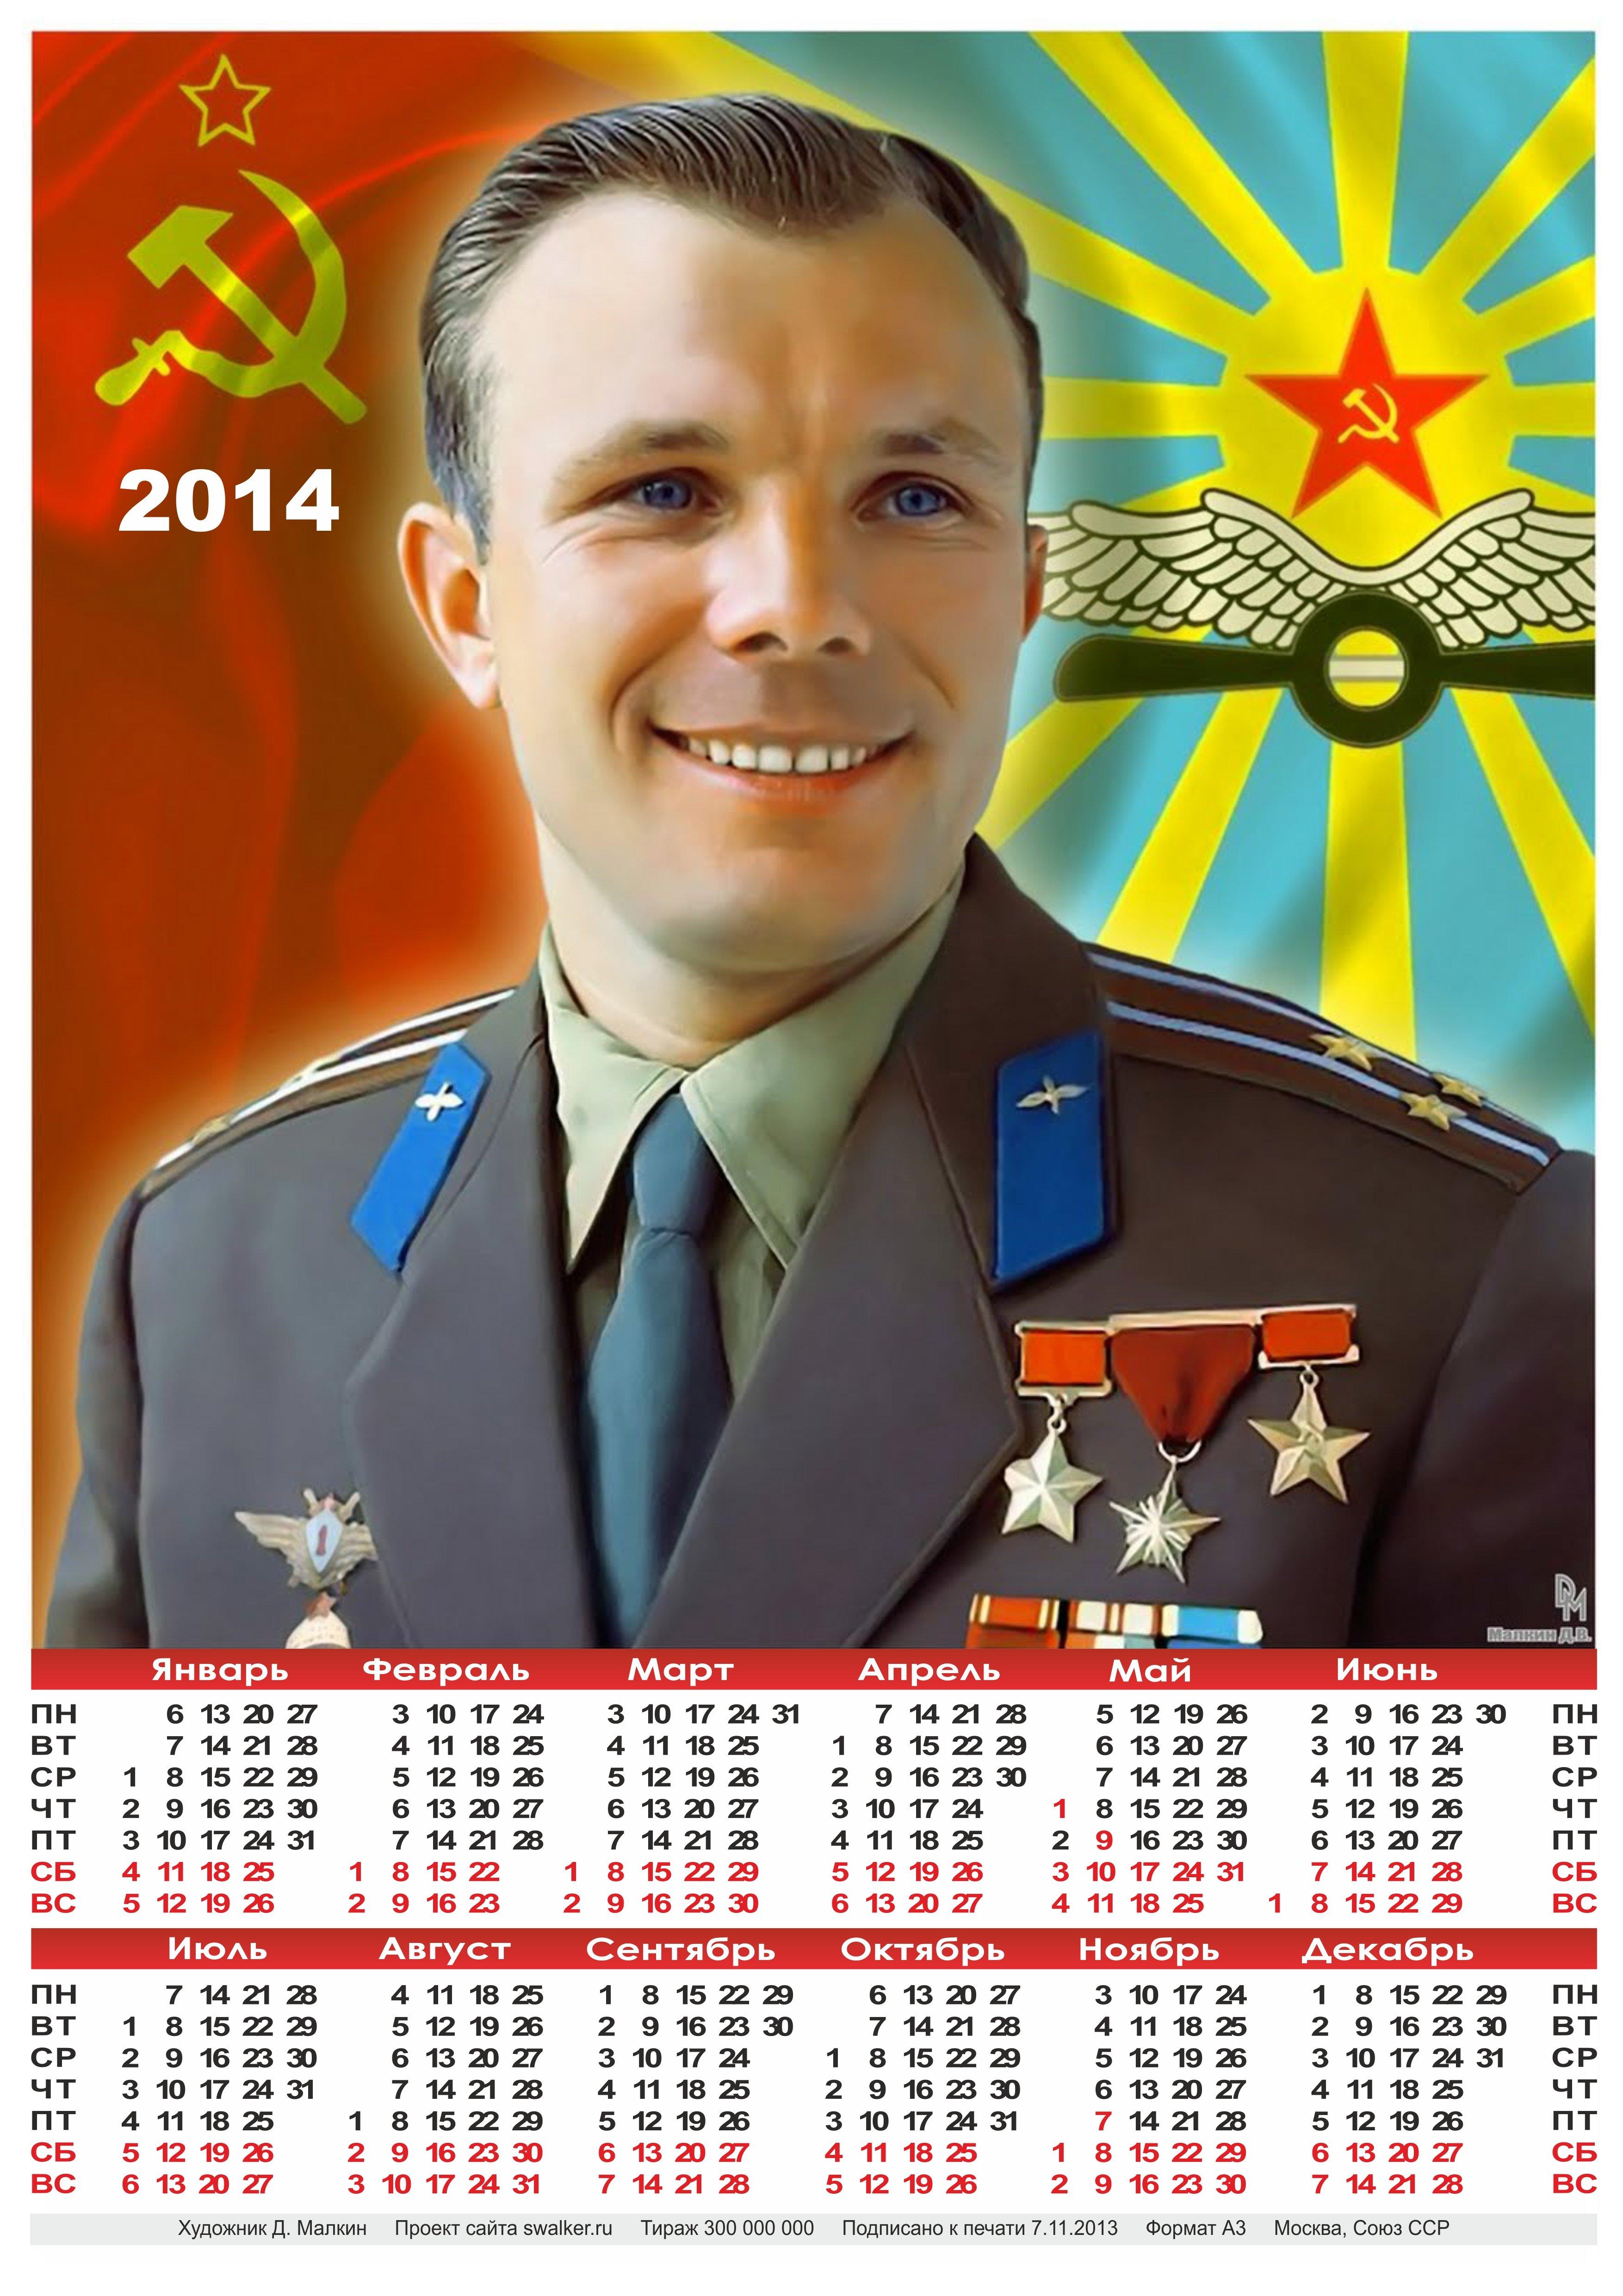 kalendar_gagarin-2014